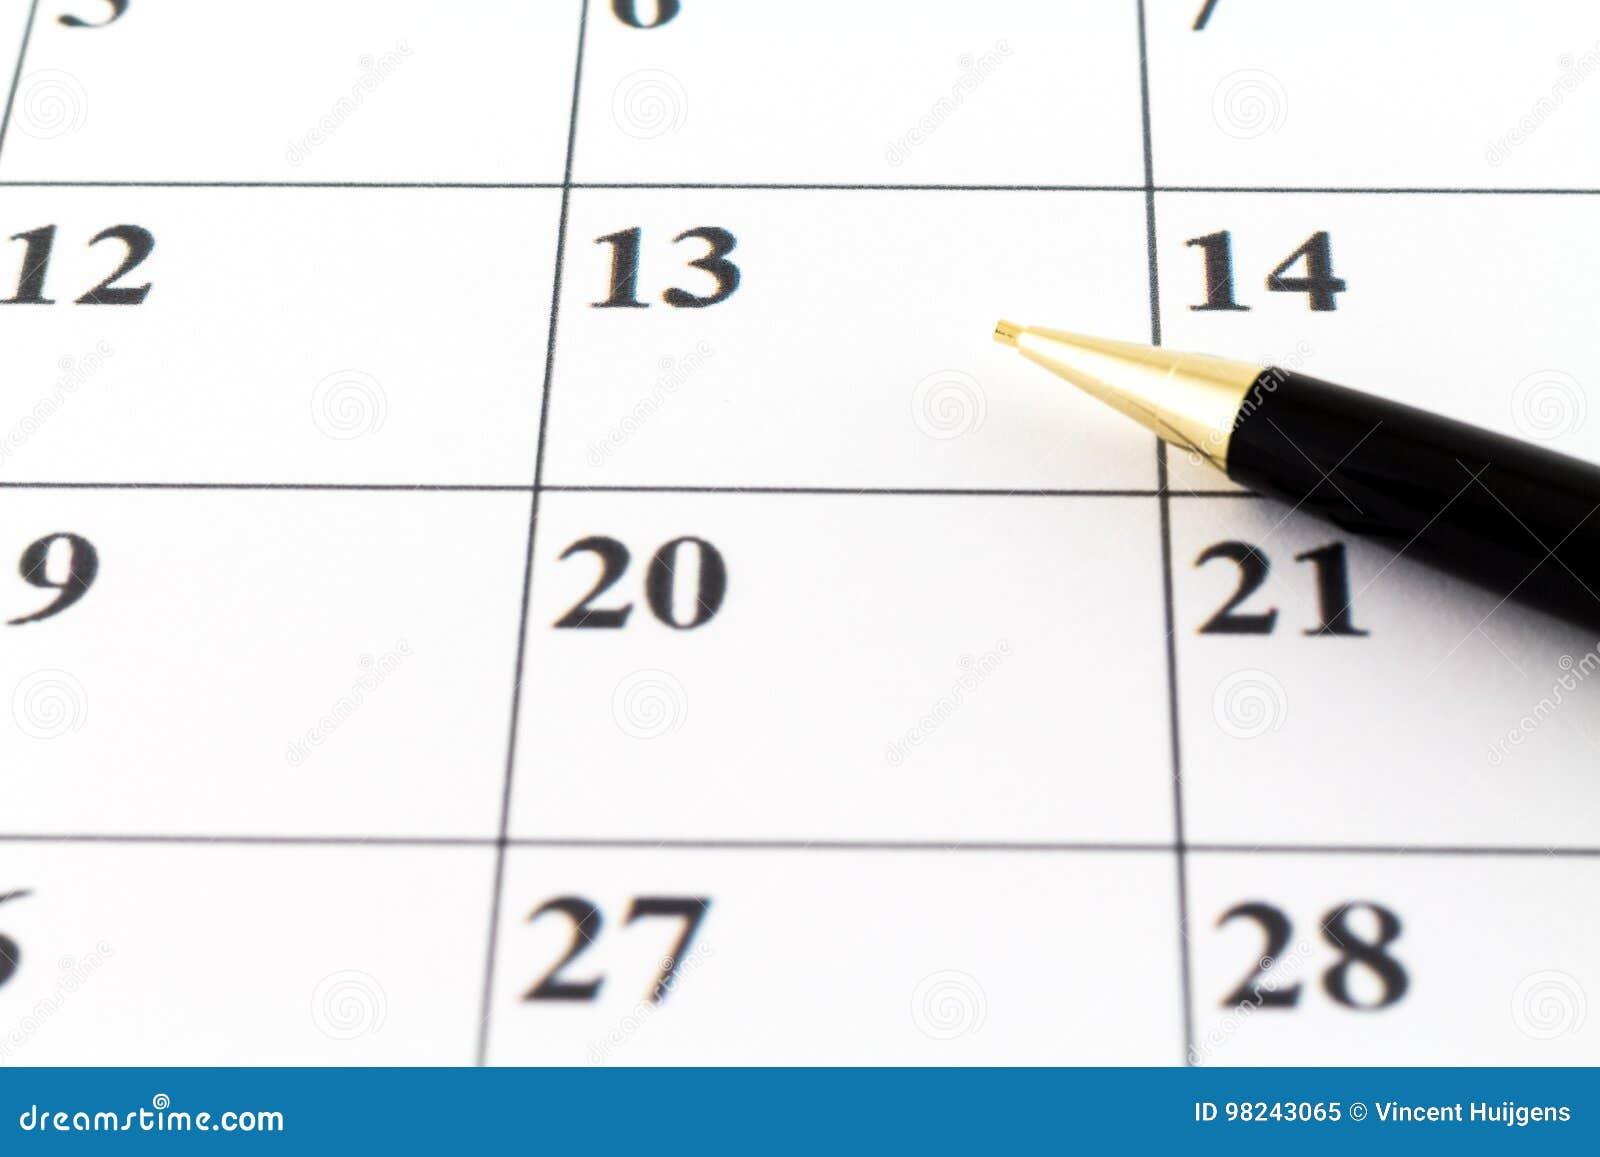 Μήνας εβδομάδας ημέρας αρμόδιων για το σχεδιασμό ημερολογιακής ημερομηνίας με τη μαύρη μάνδρα